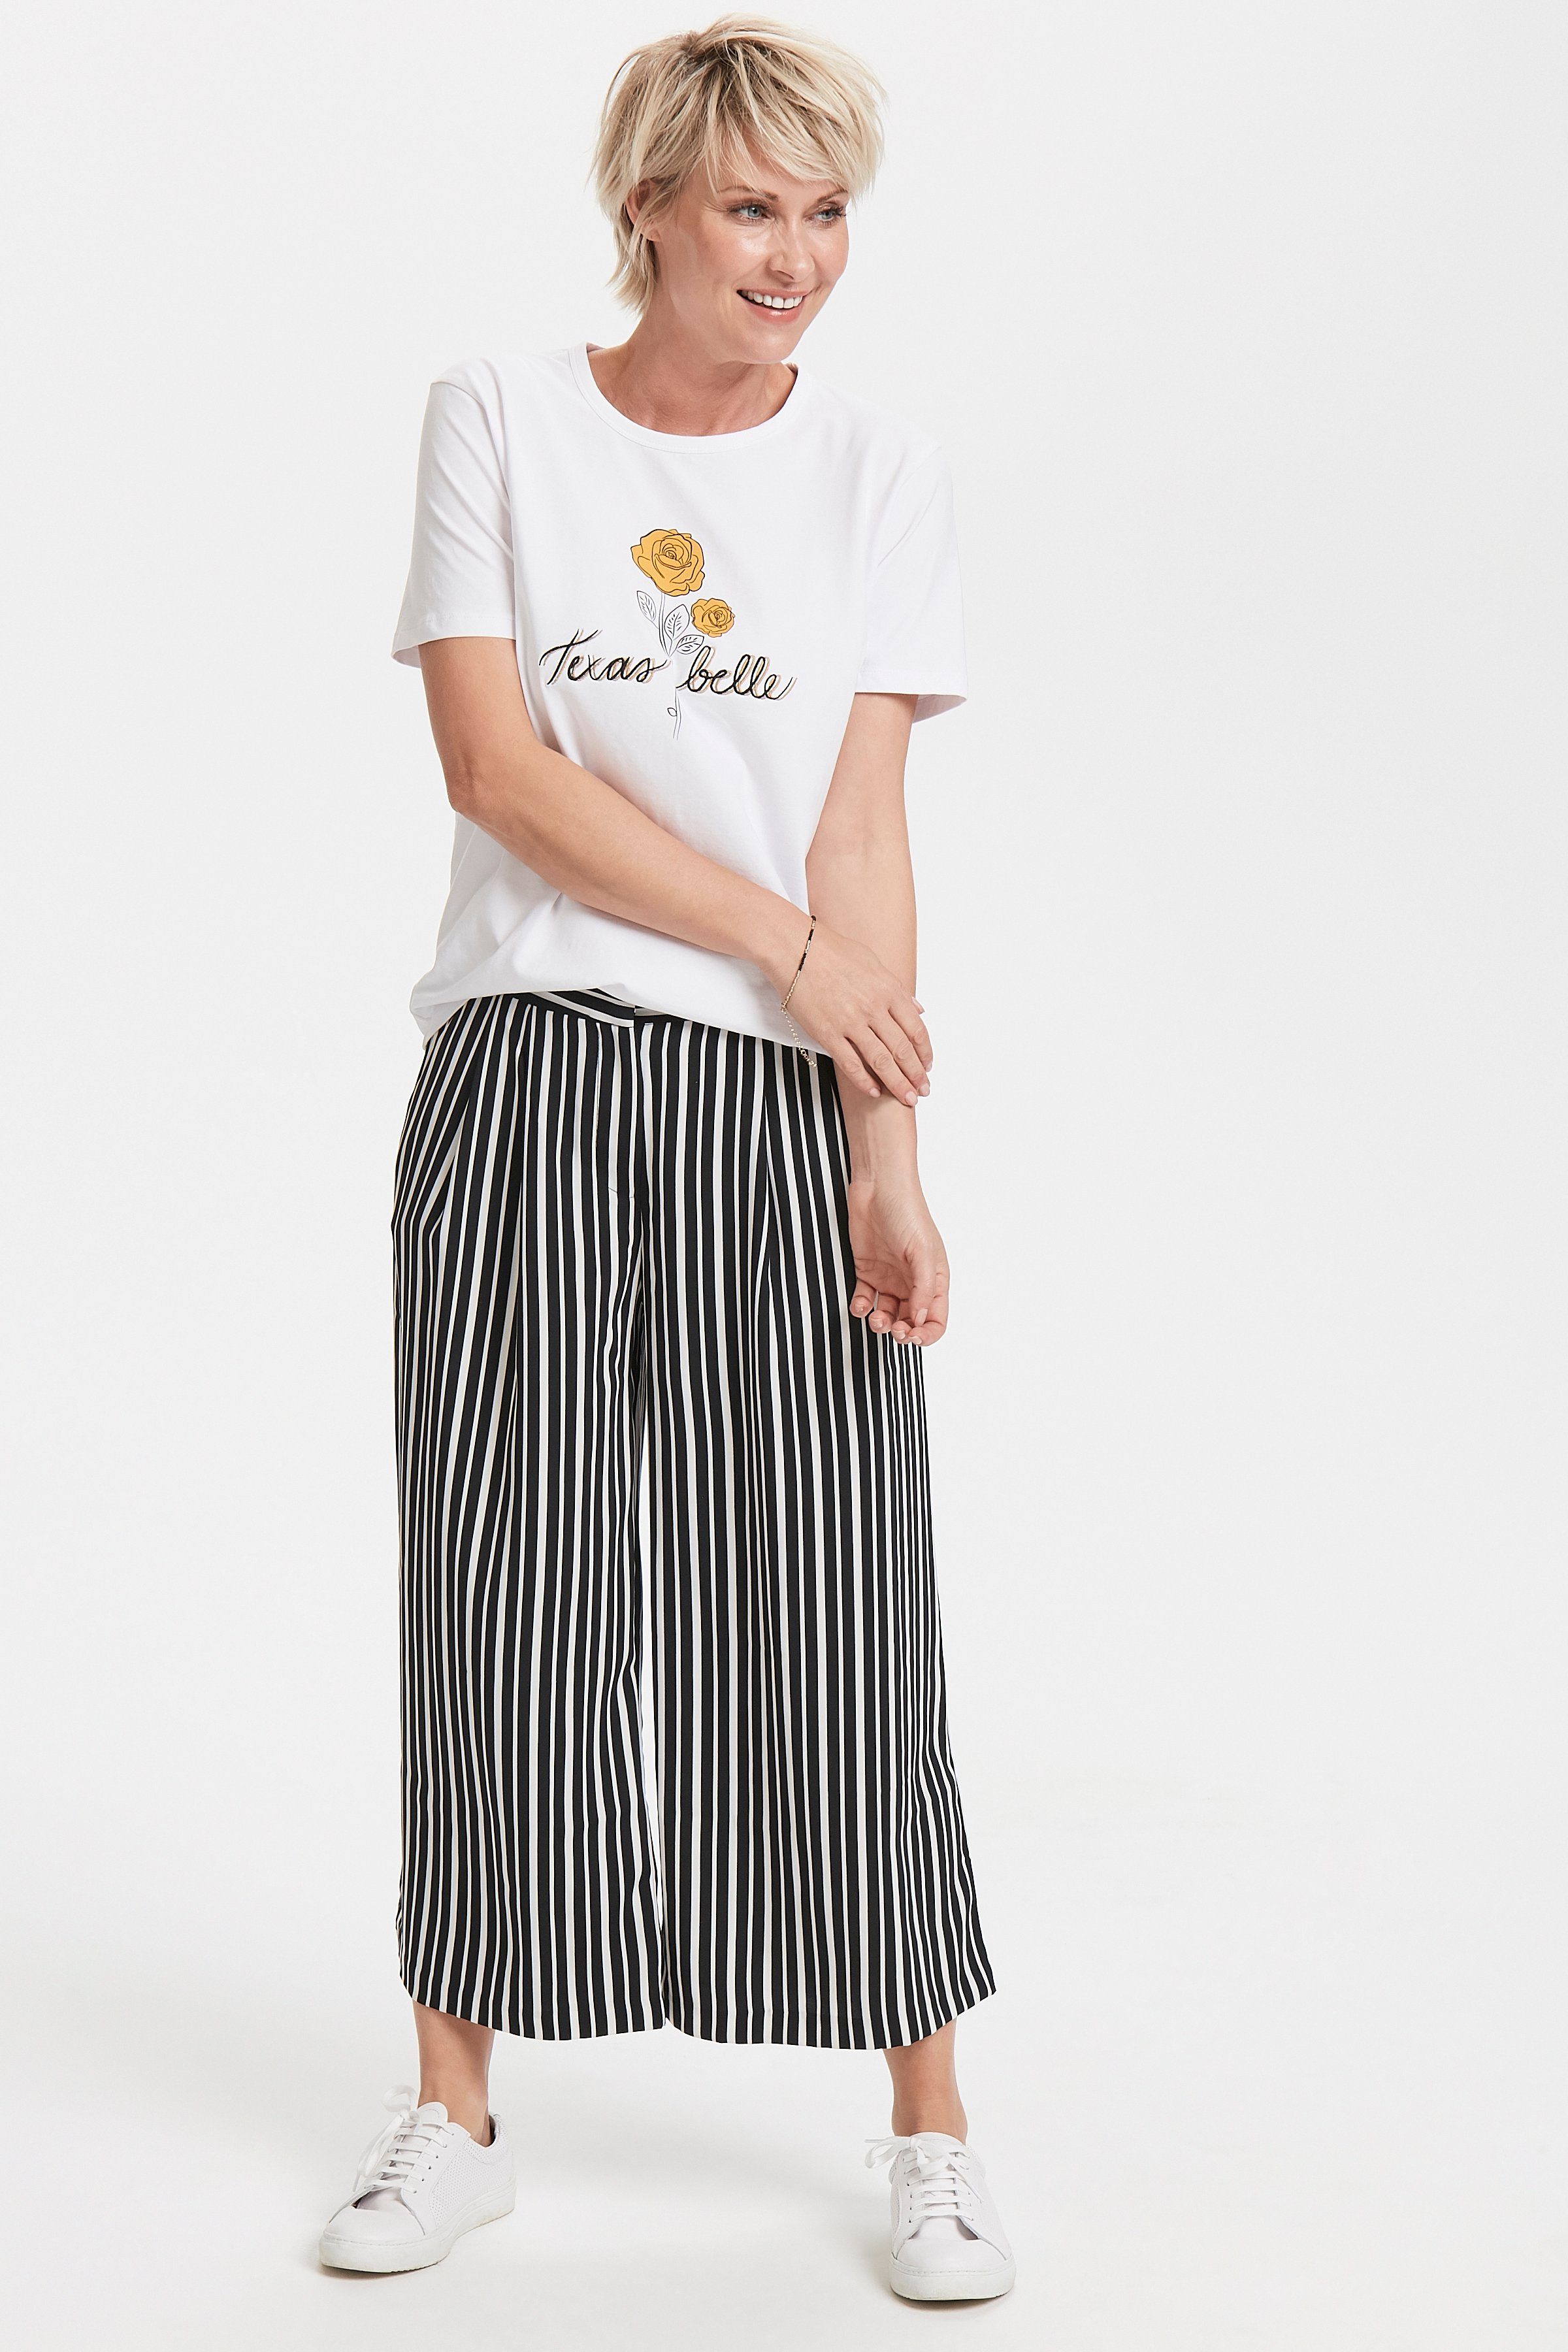 Weiß Kurzarm-Shirt von b.young – Shoppen Sie Weiß Kurzarm-Shirt ab Gr. XS-XXL hier